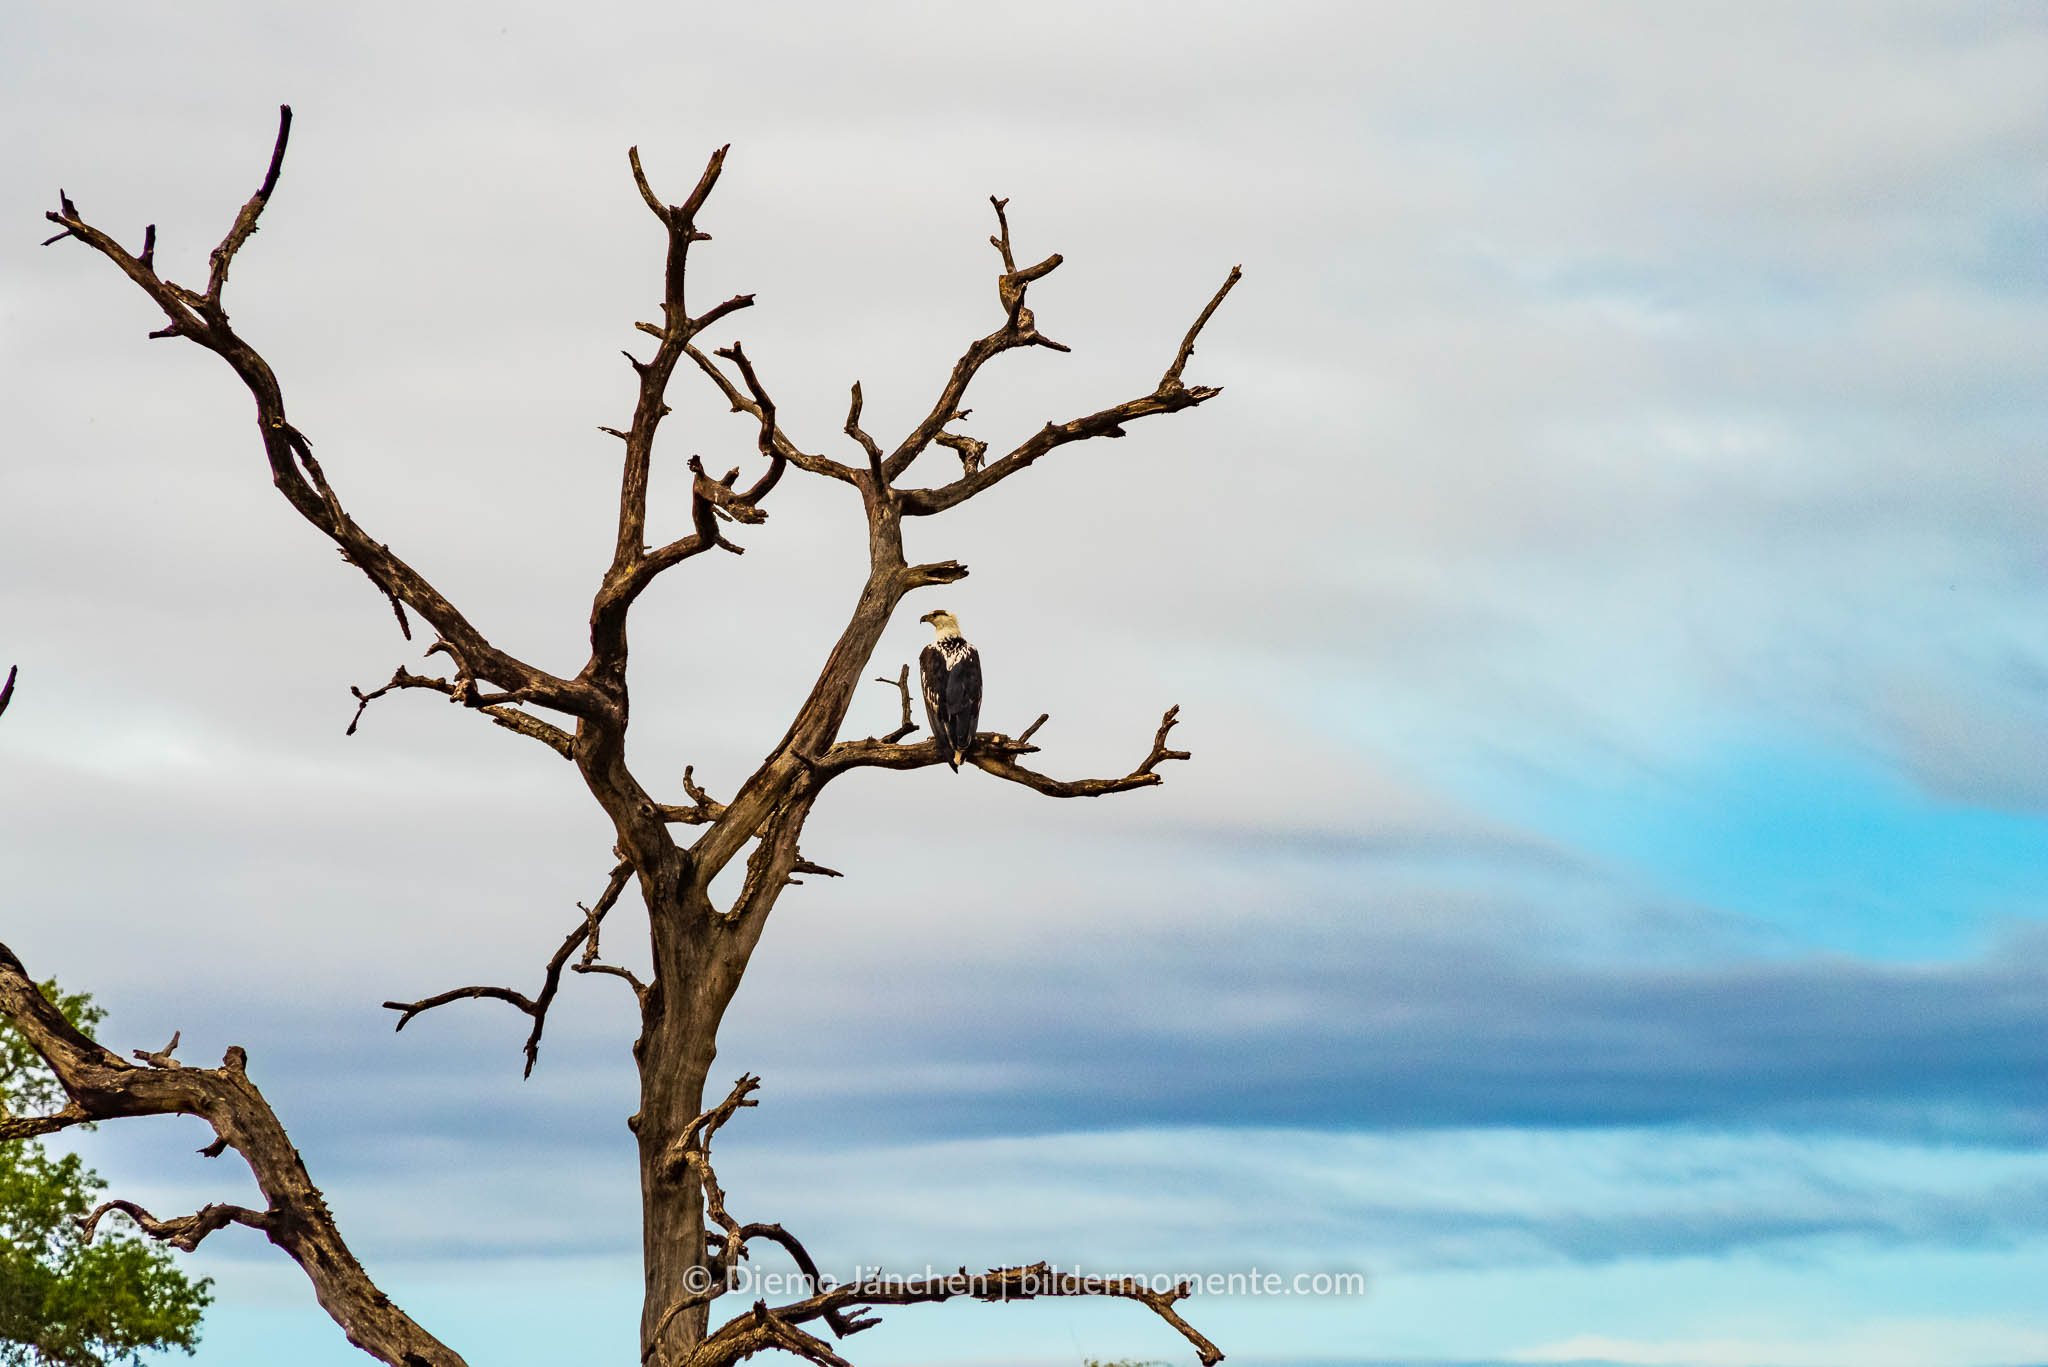 Arikanischer Fisch-Adler